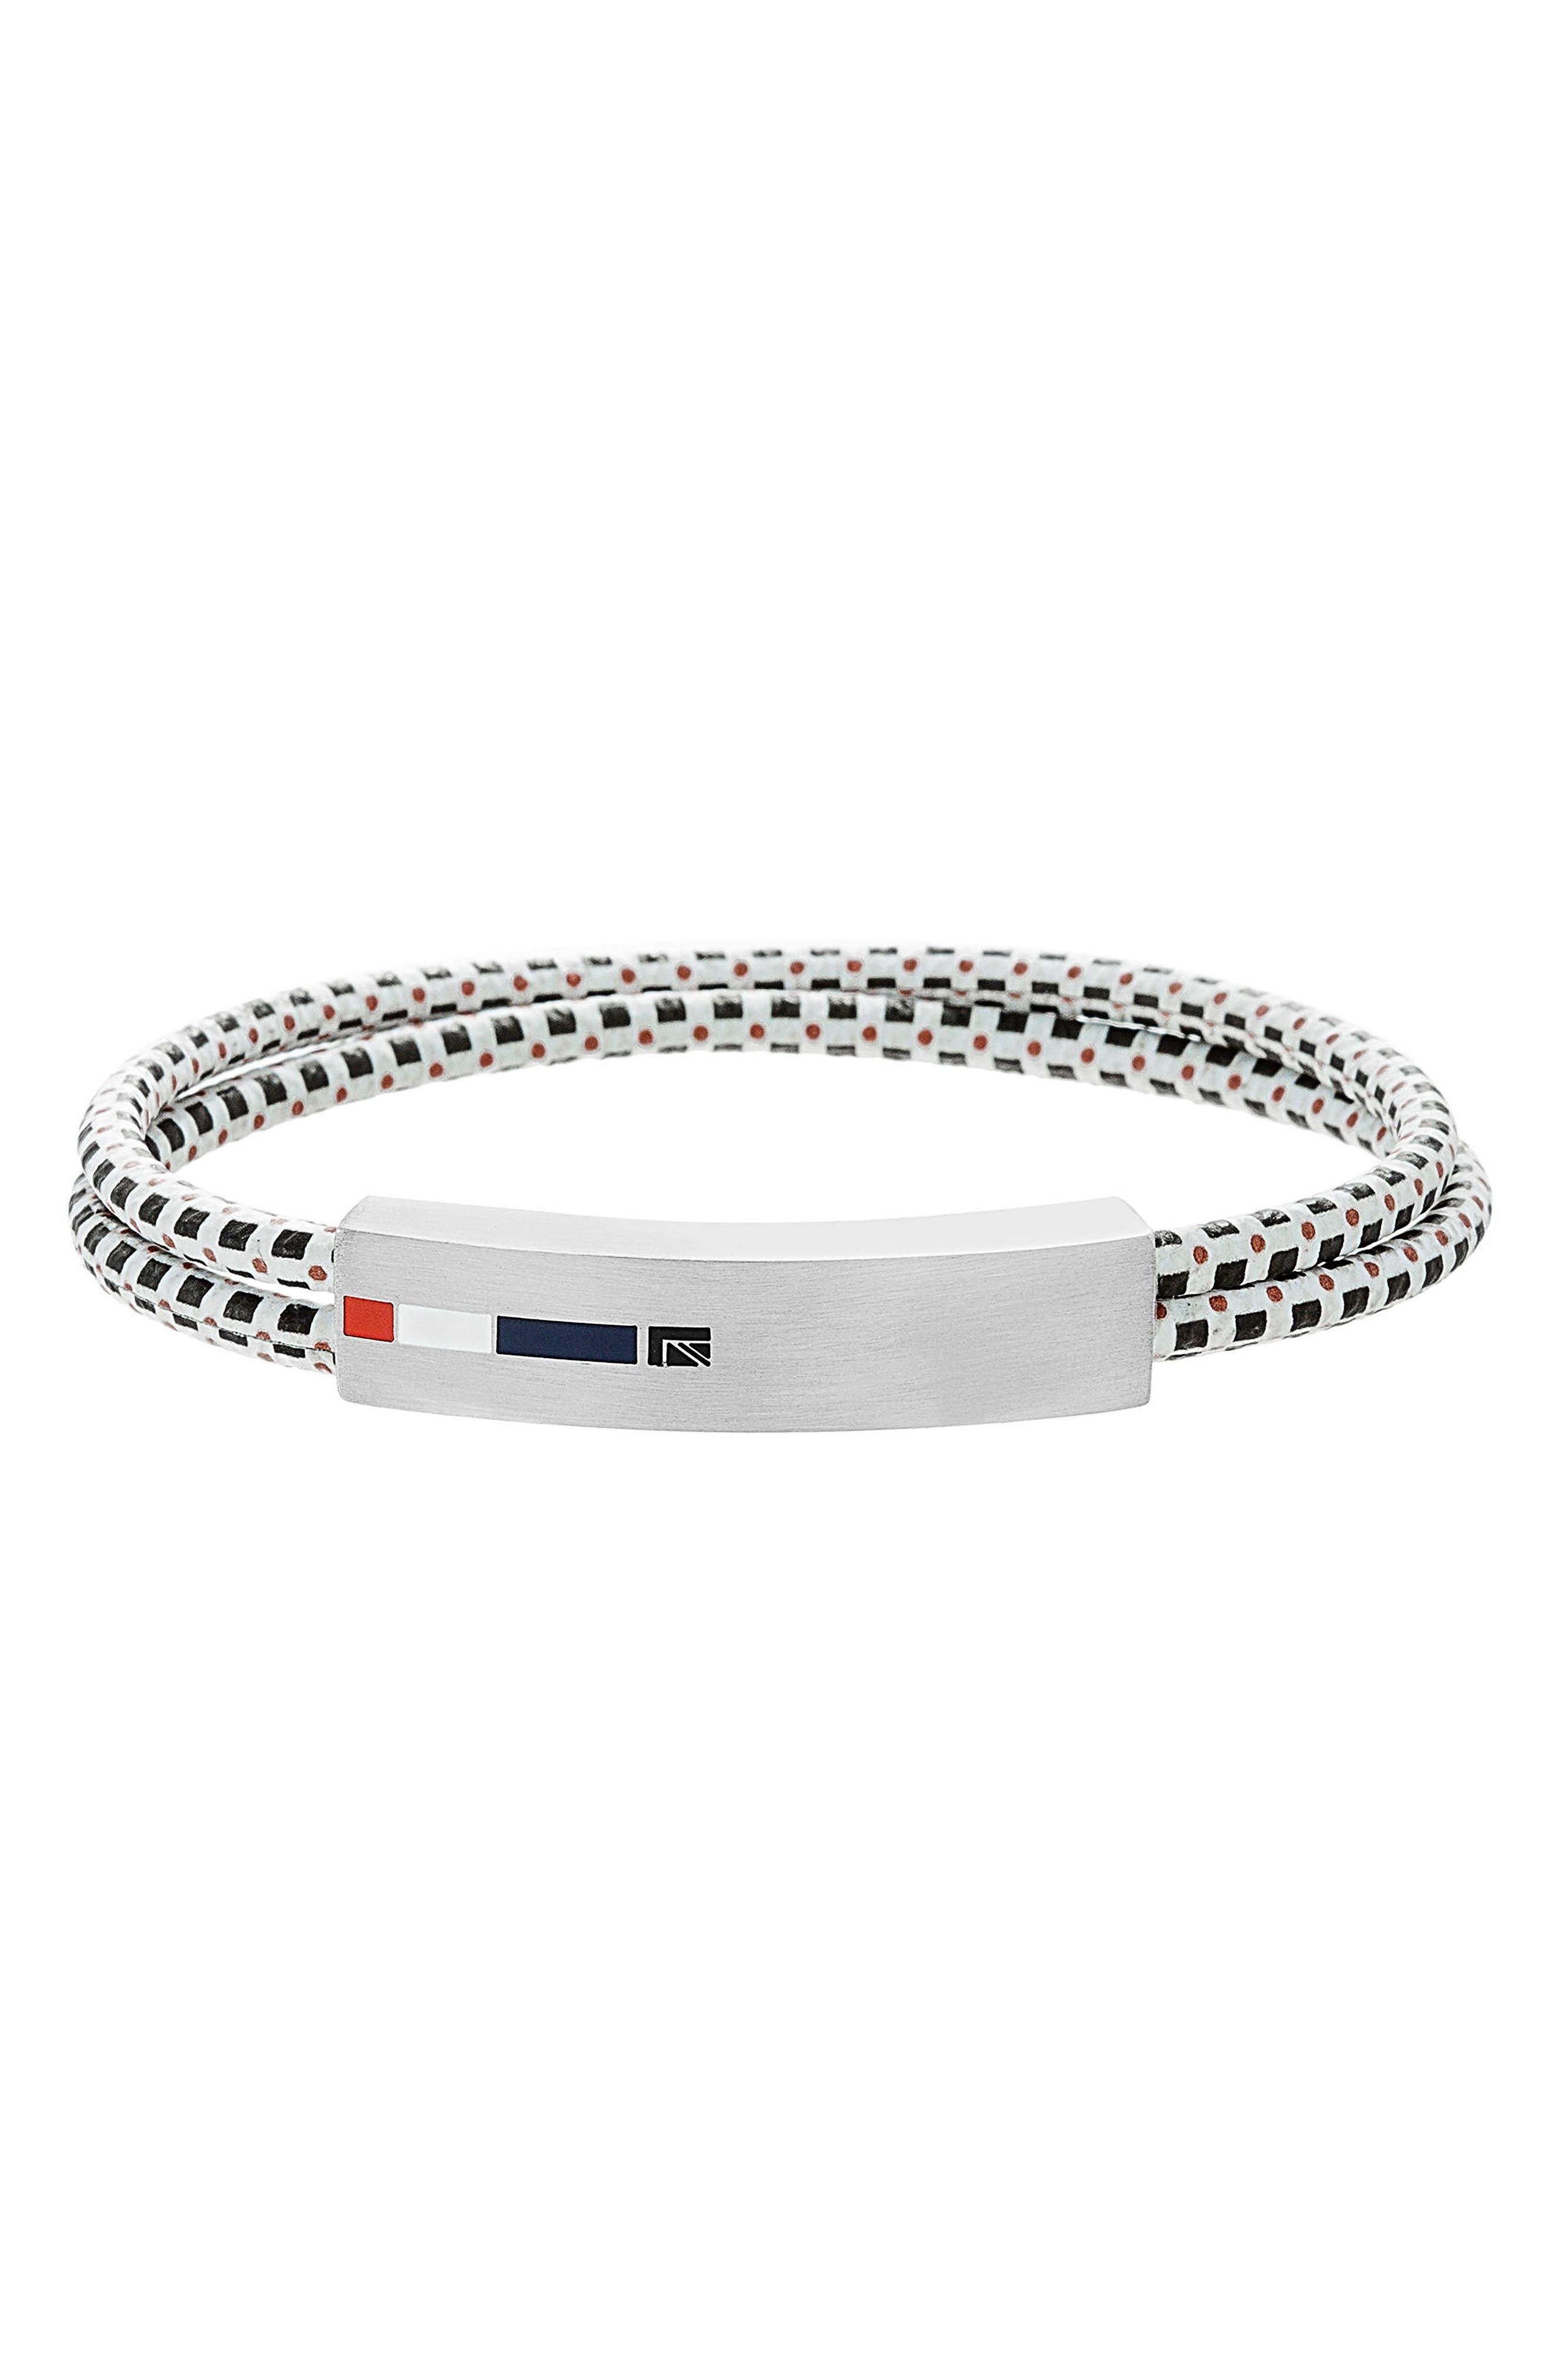 Double Cord Bracelet,                         Main,                         color, Black/ Silver/ White